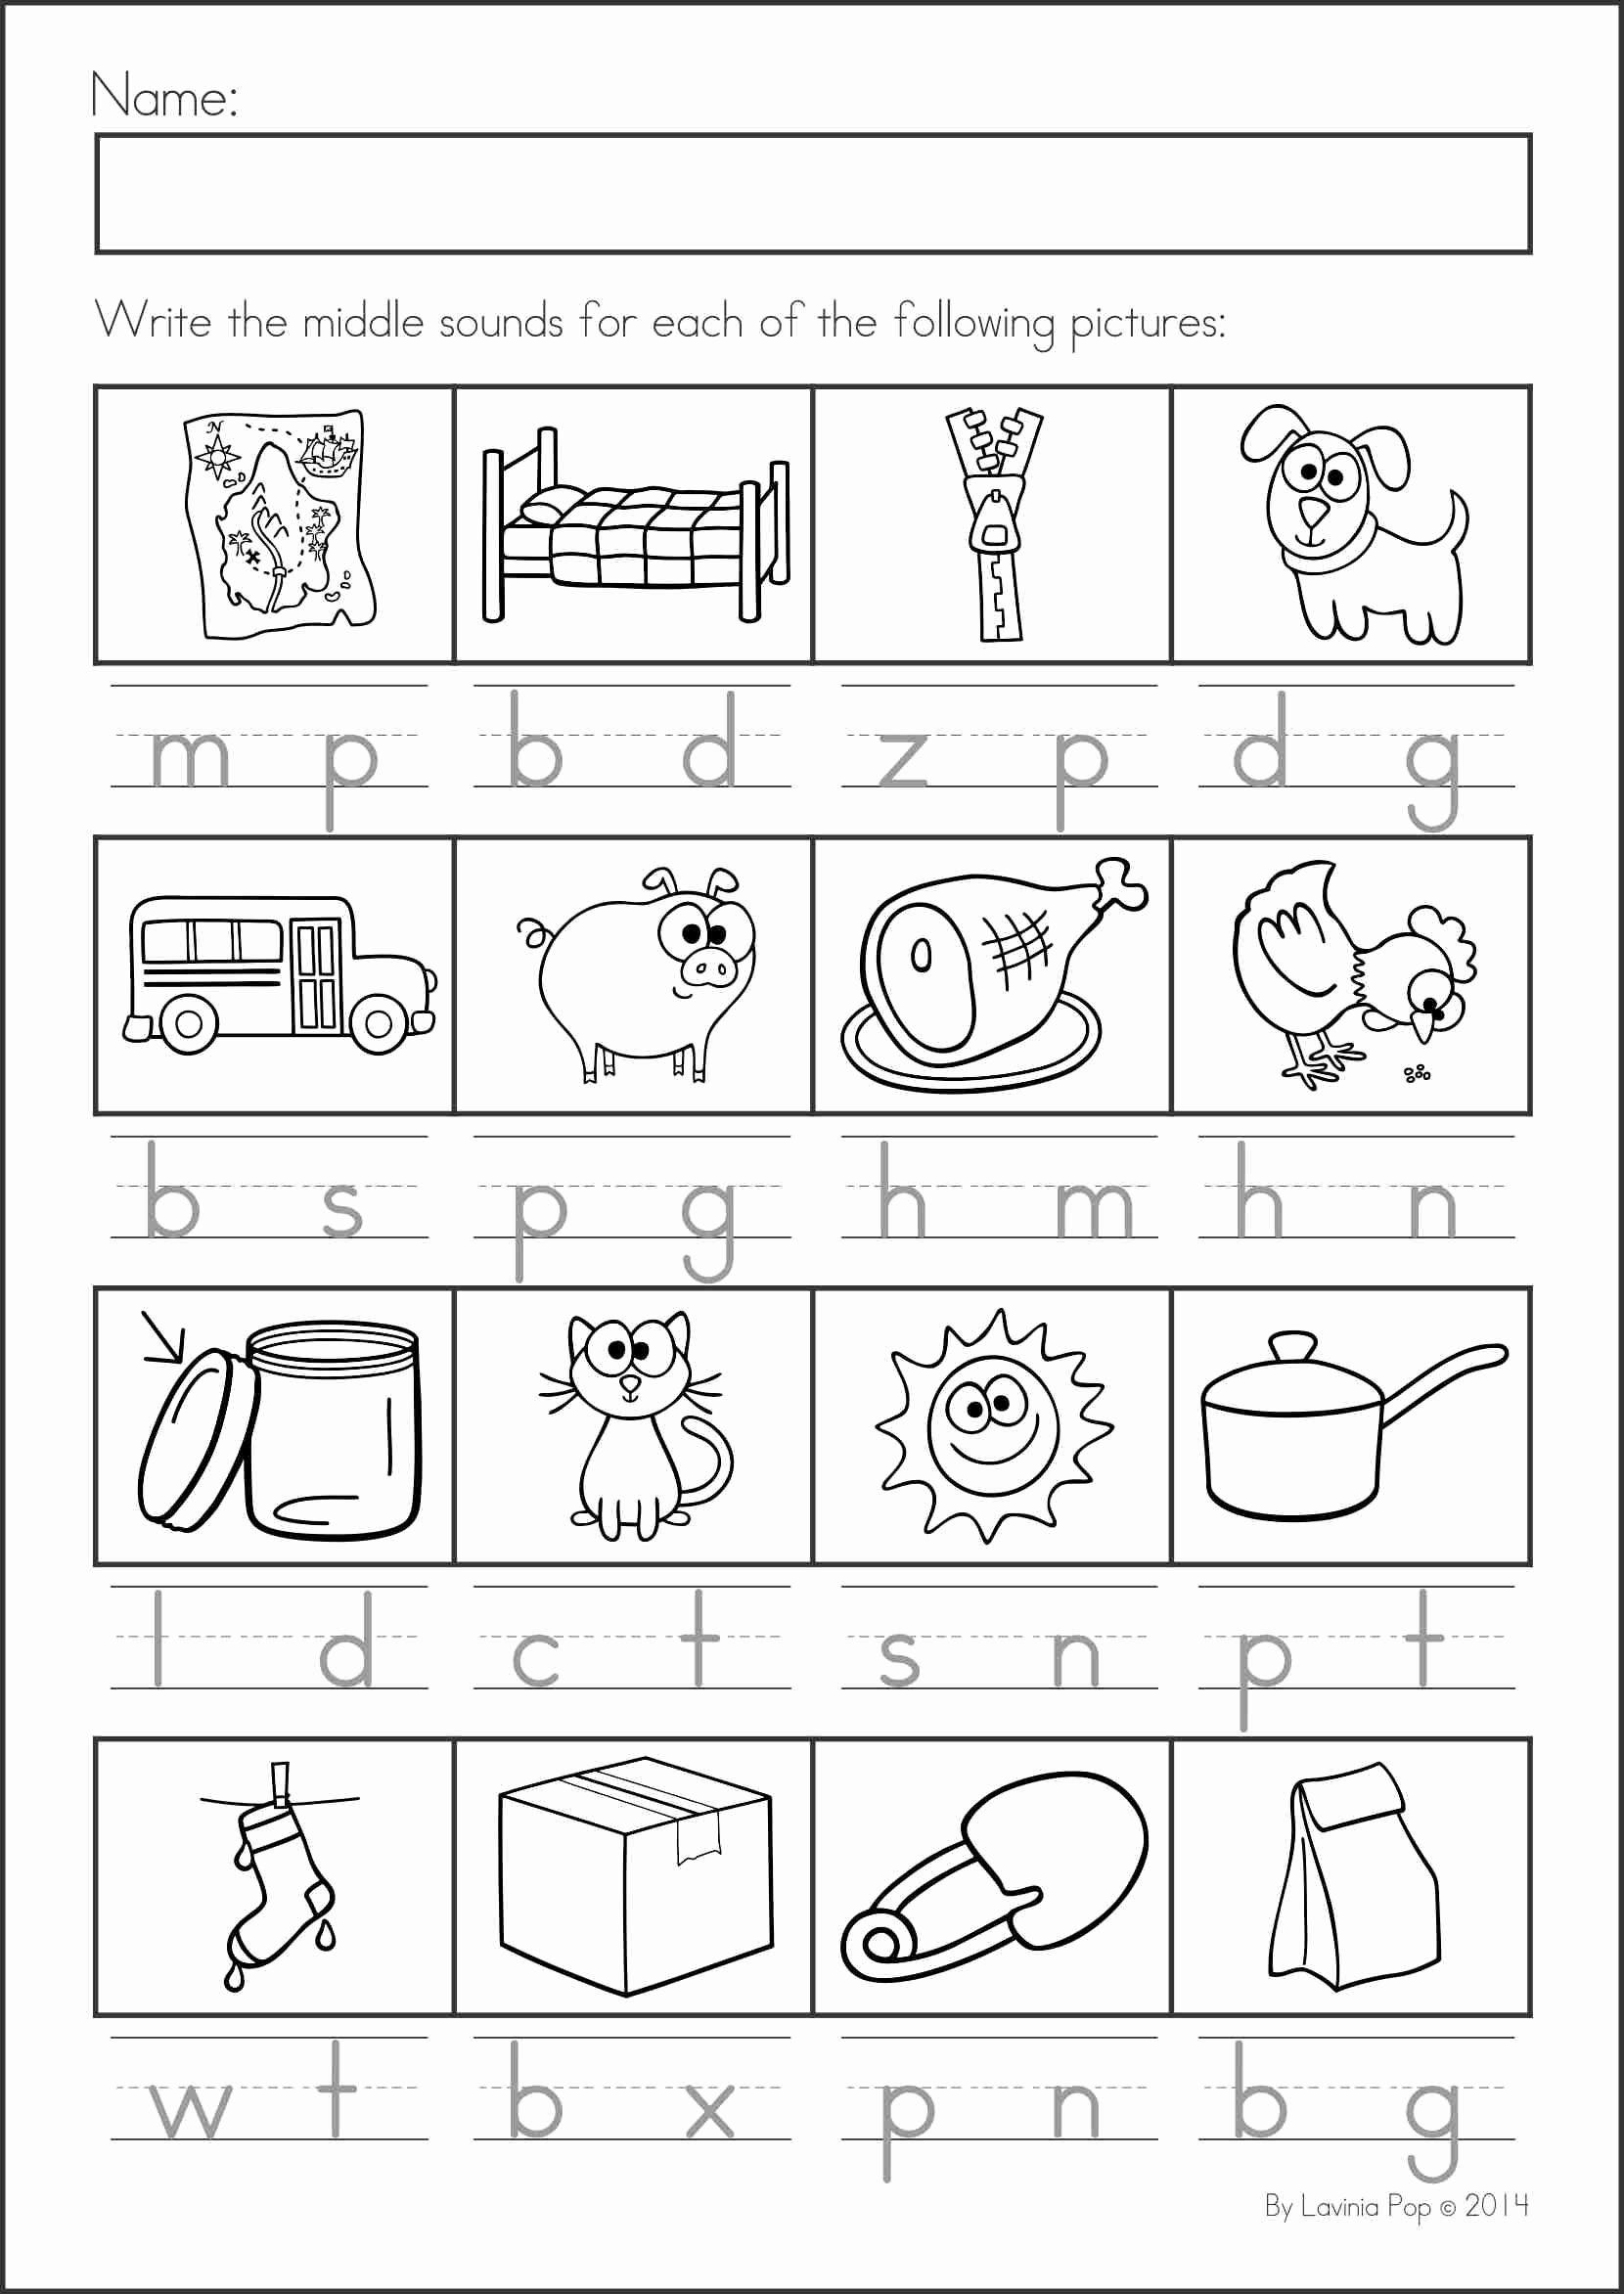 Middle sounds Worksheets for Kindergarten Free Summer Review Kindergarten Math & Literacy Worksheets